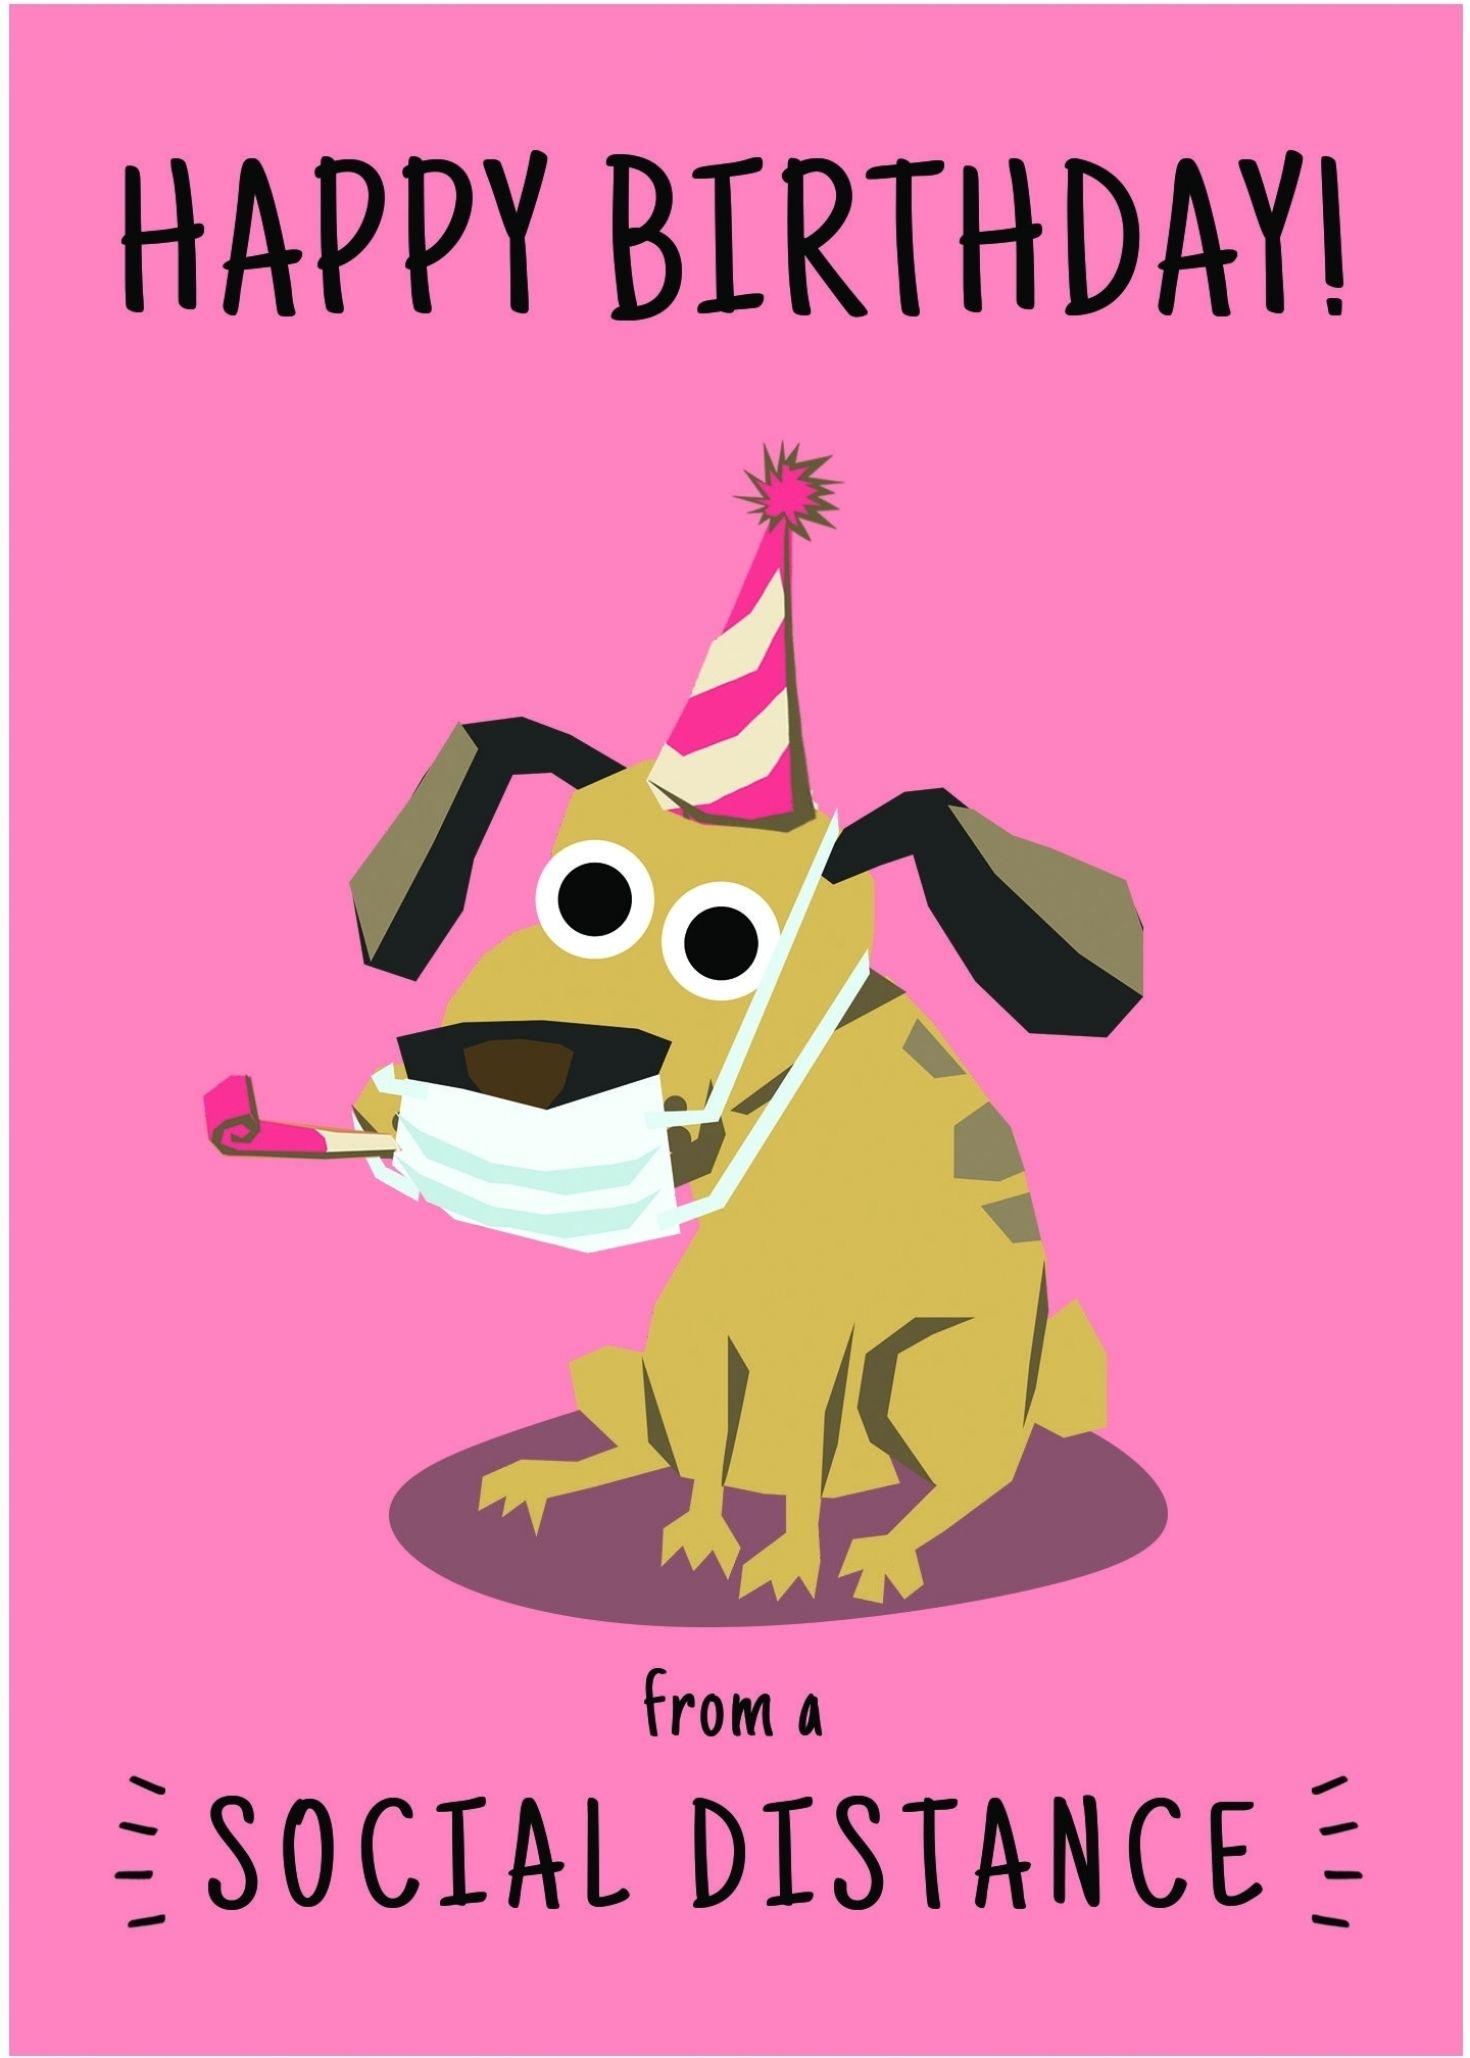 Printable Birthday Card Funny Printable Birthday Card Downloadable Birthday Card Digital Birthday Card Instant Download Happy Birthday Wishes Cards Funny Happy Birthday Wishes Happy Birthday Messages